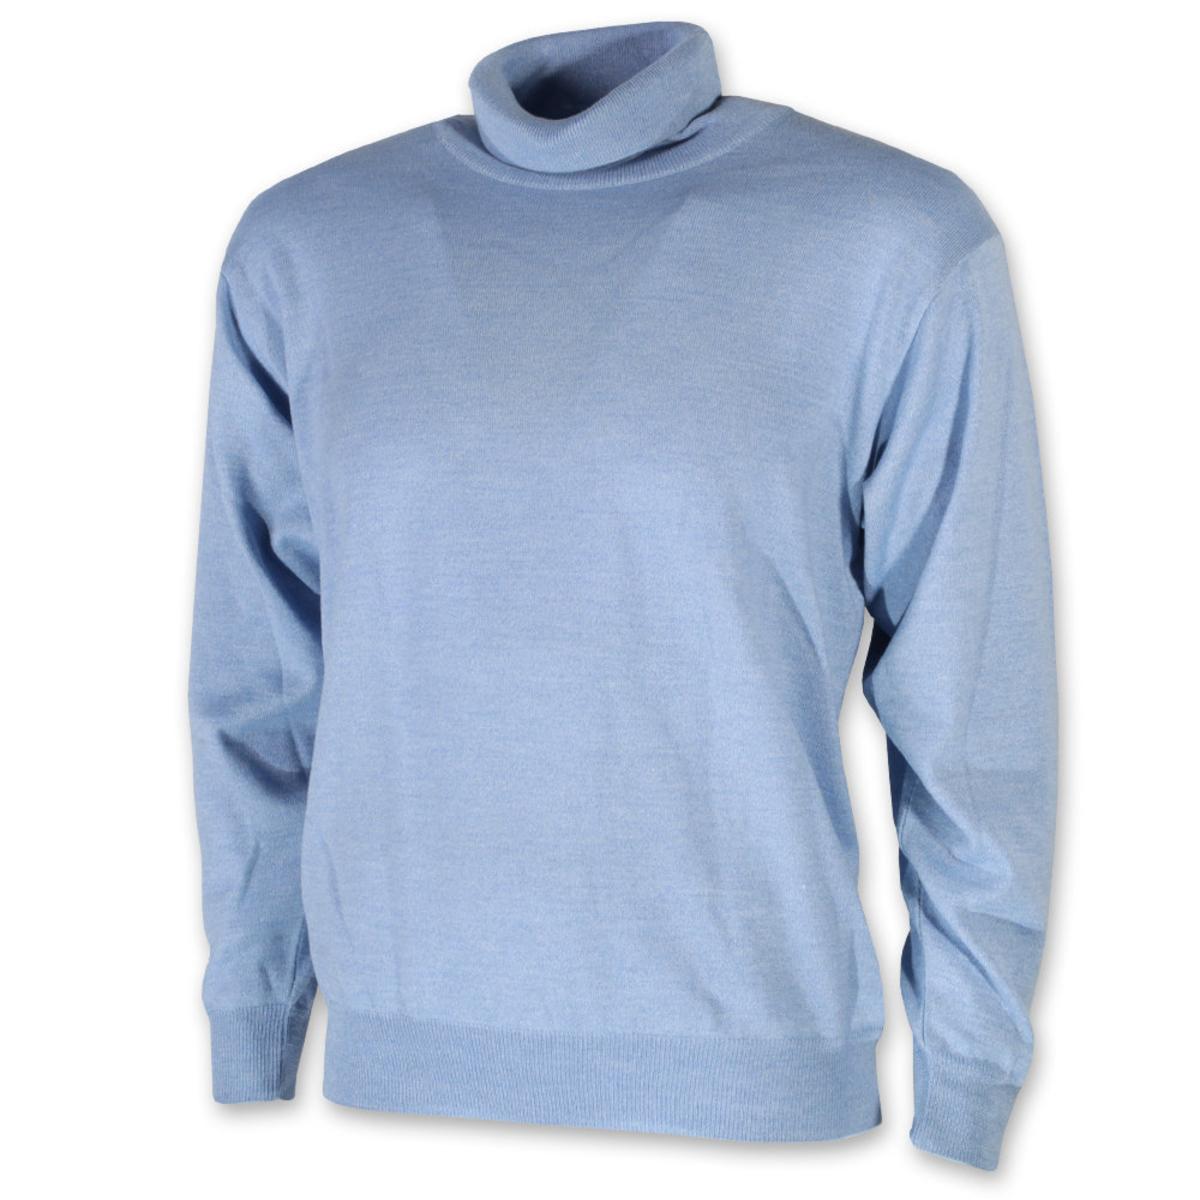 Pánsky sveter s rolákom svetlo modrý 10954 XXL